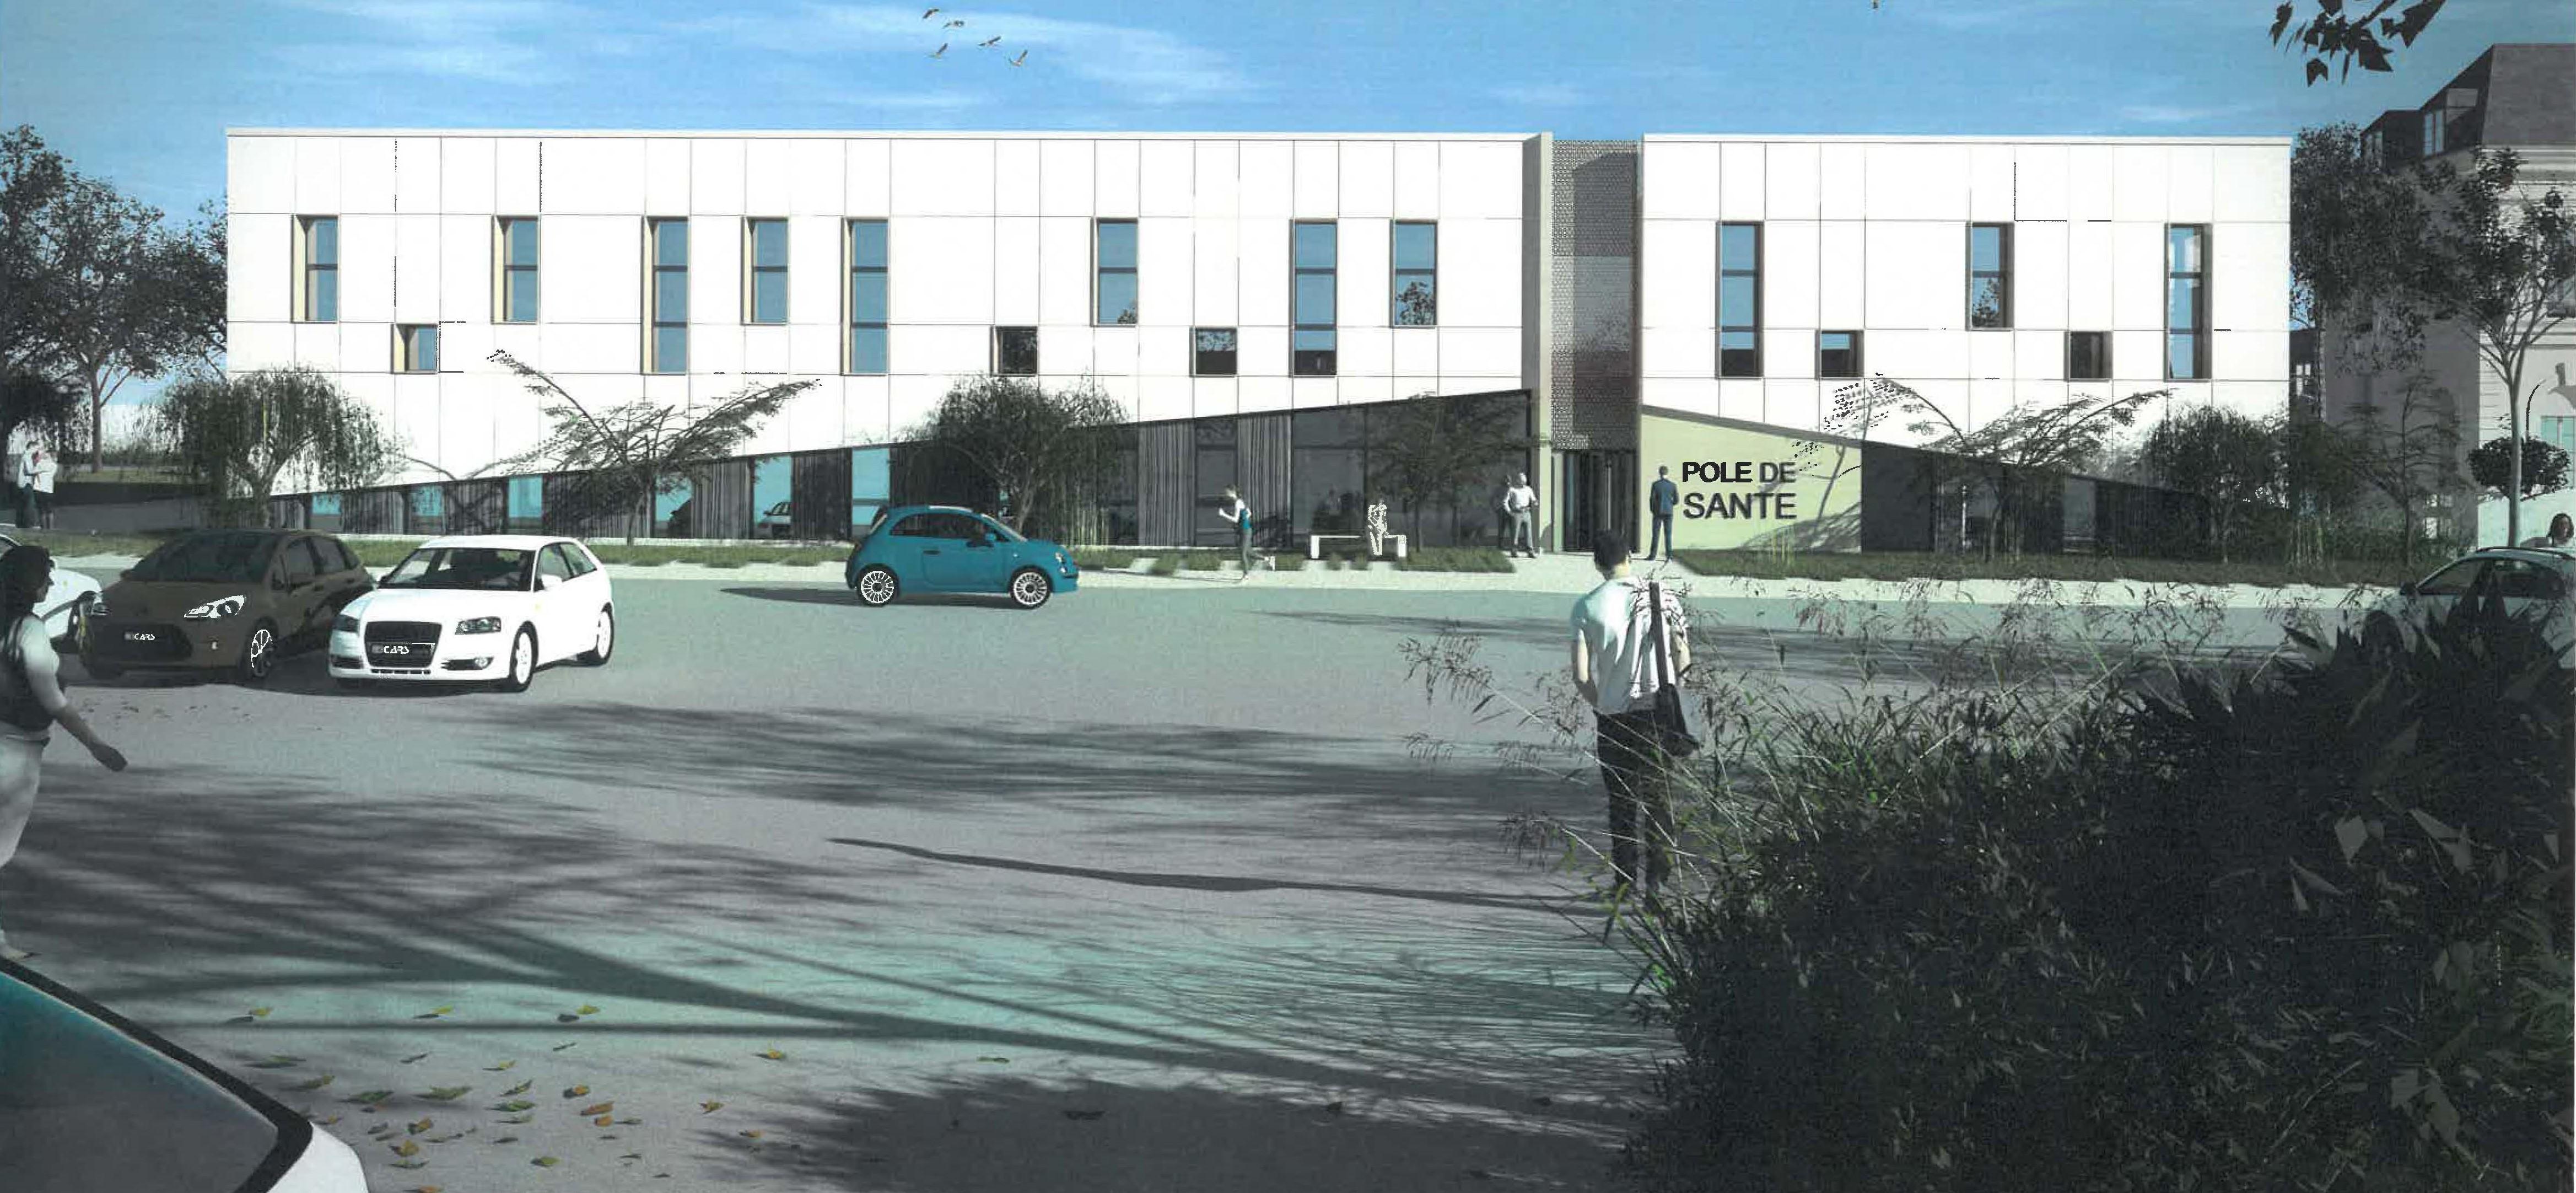 Construction d'un pôle de santé intercommunal au Molay-Littry